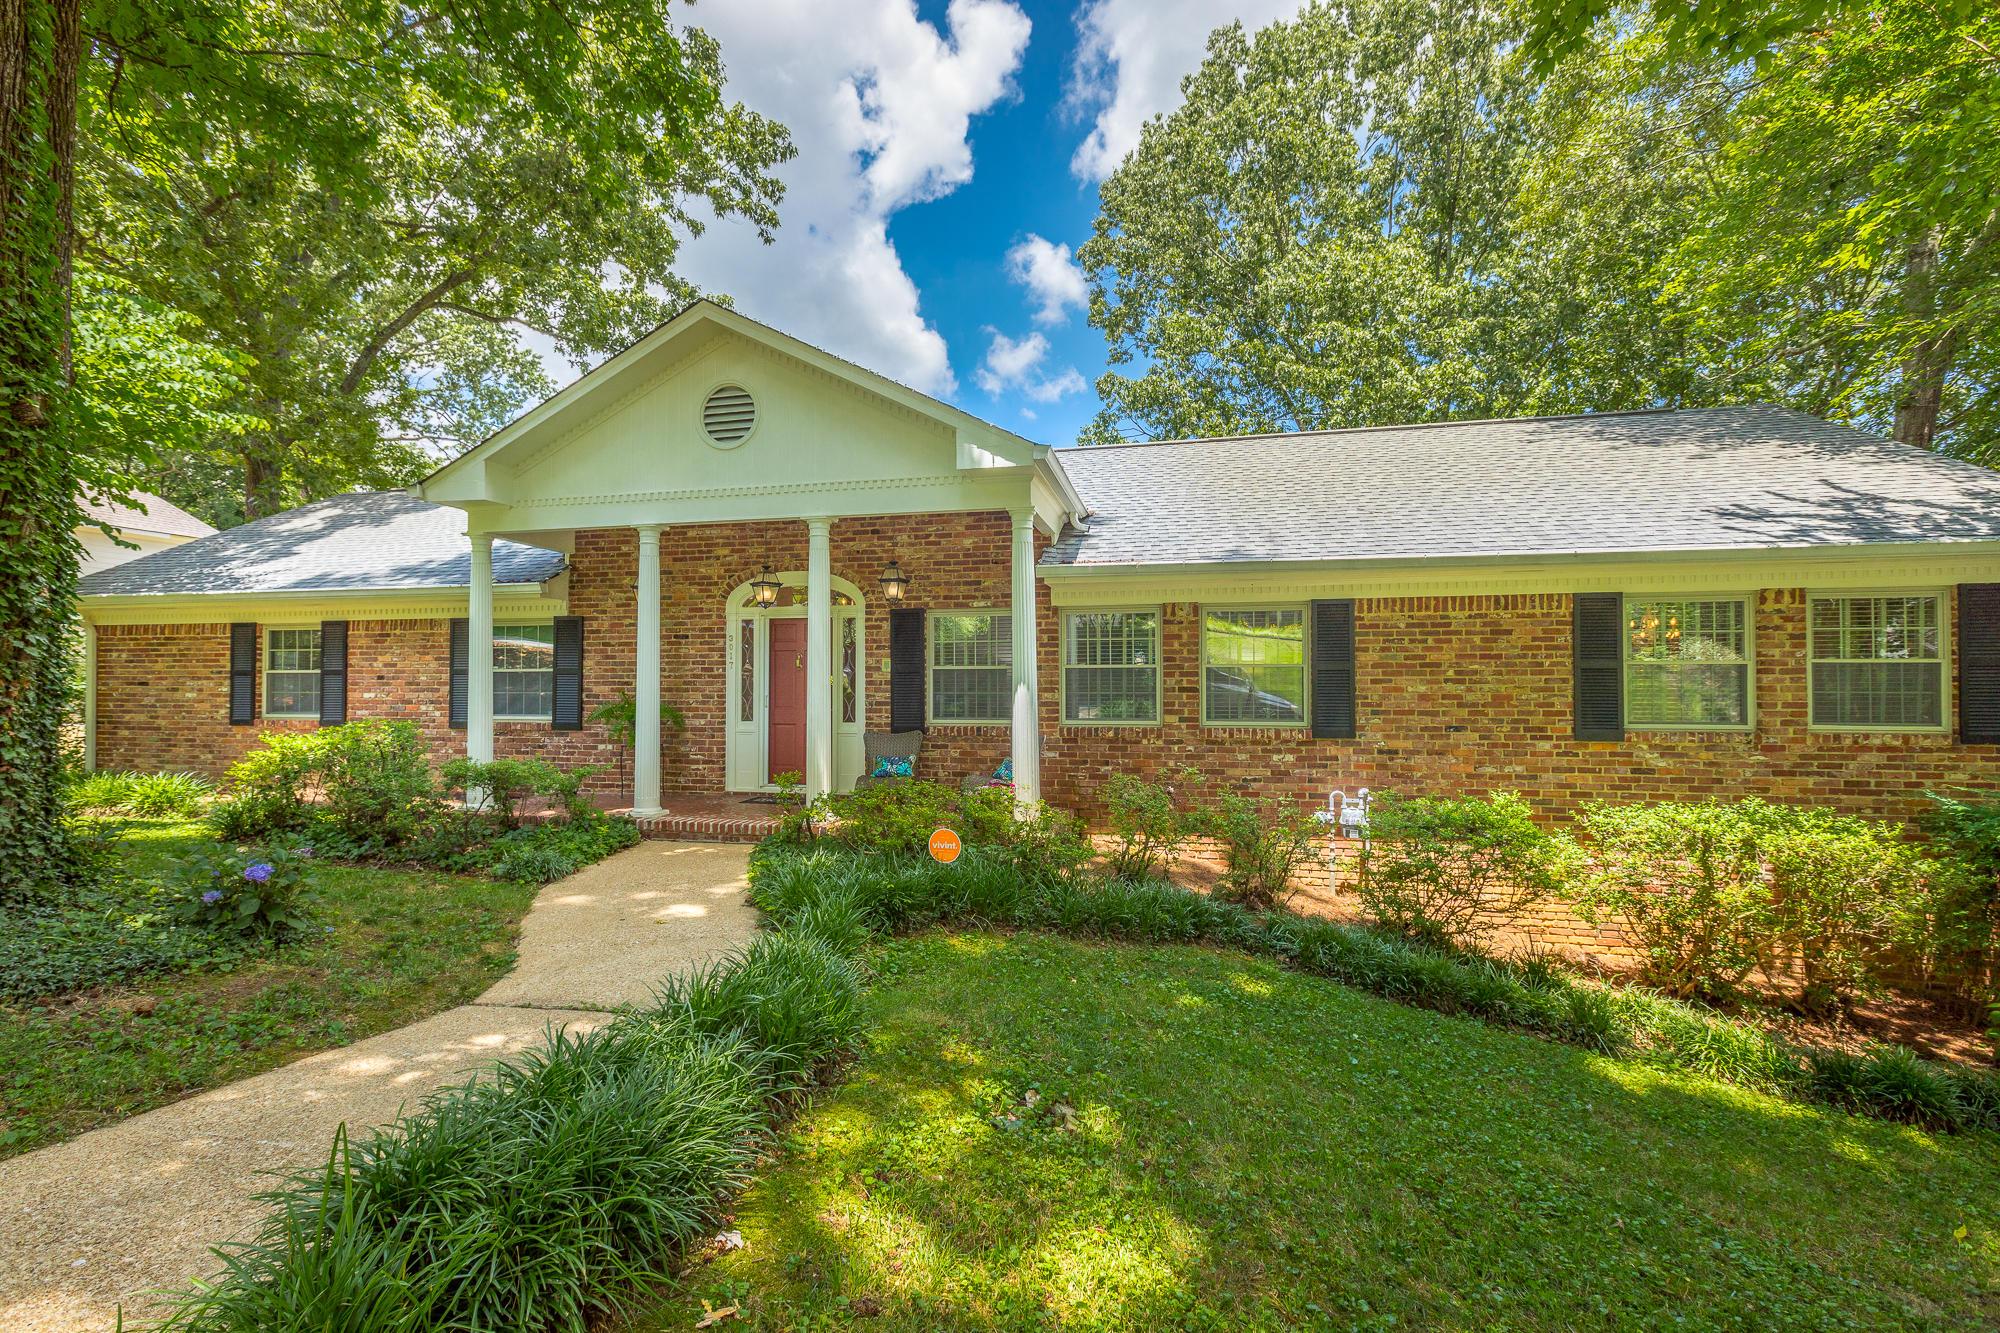 3017 Brownwood Dr, Chattanooga, TN 37404